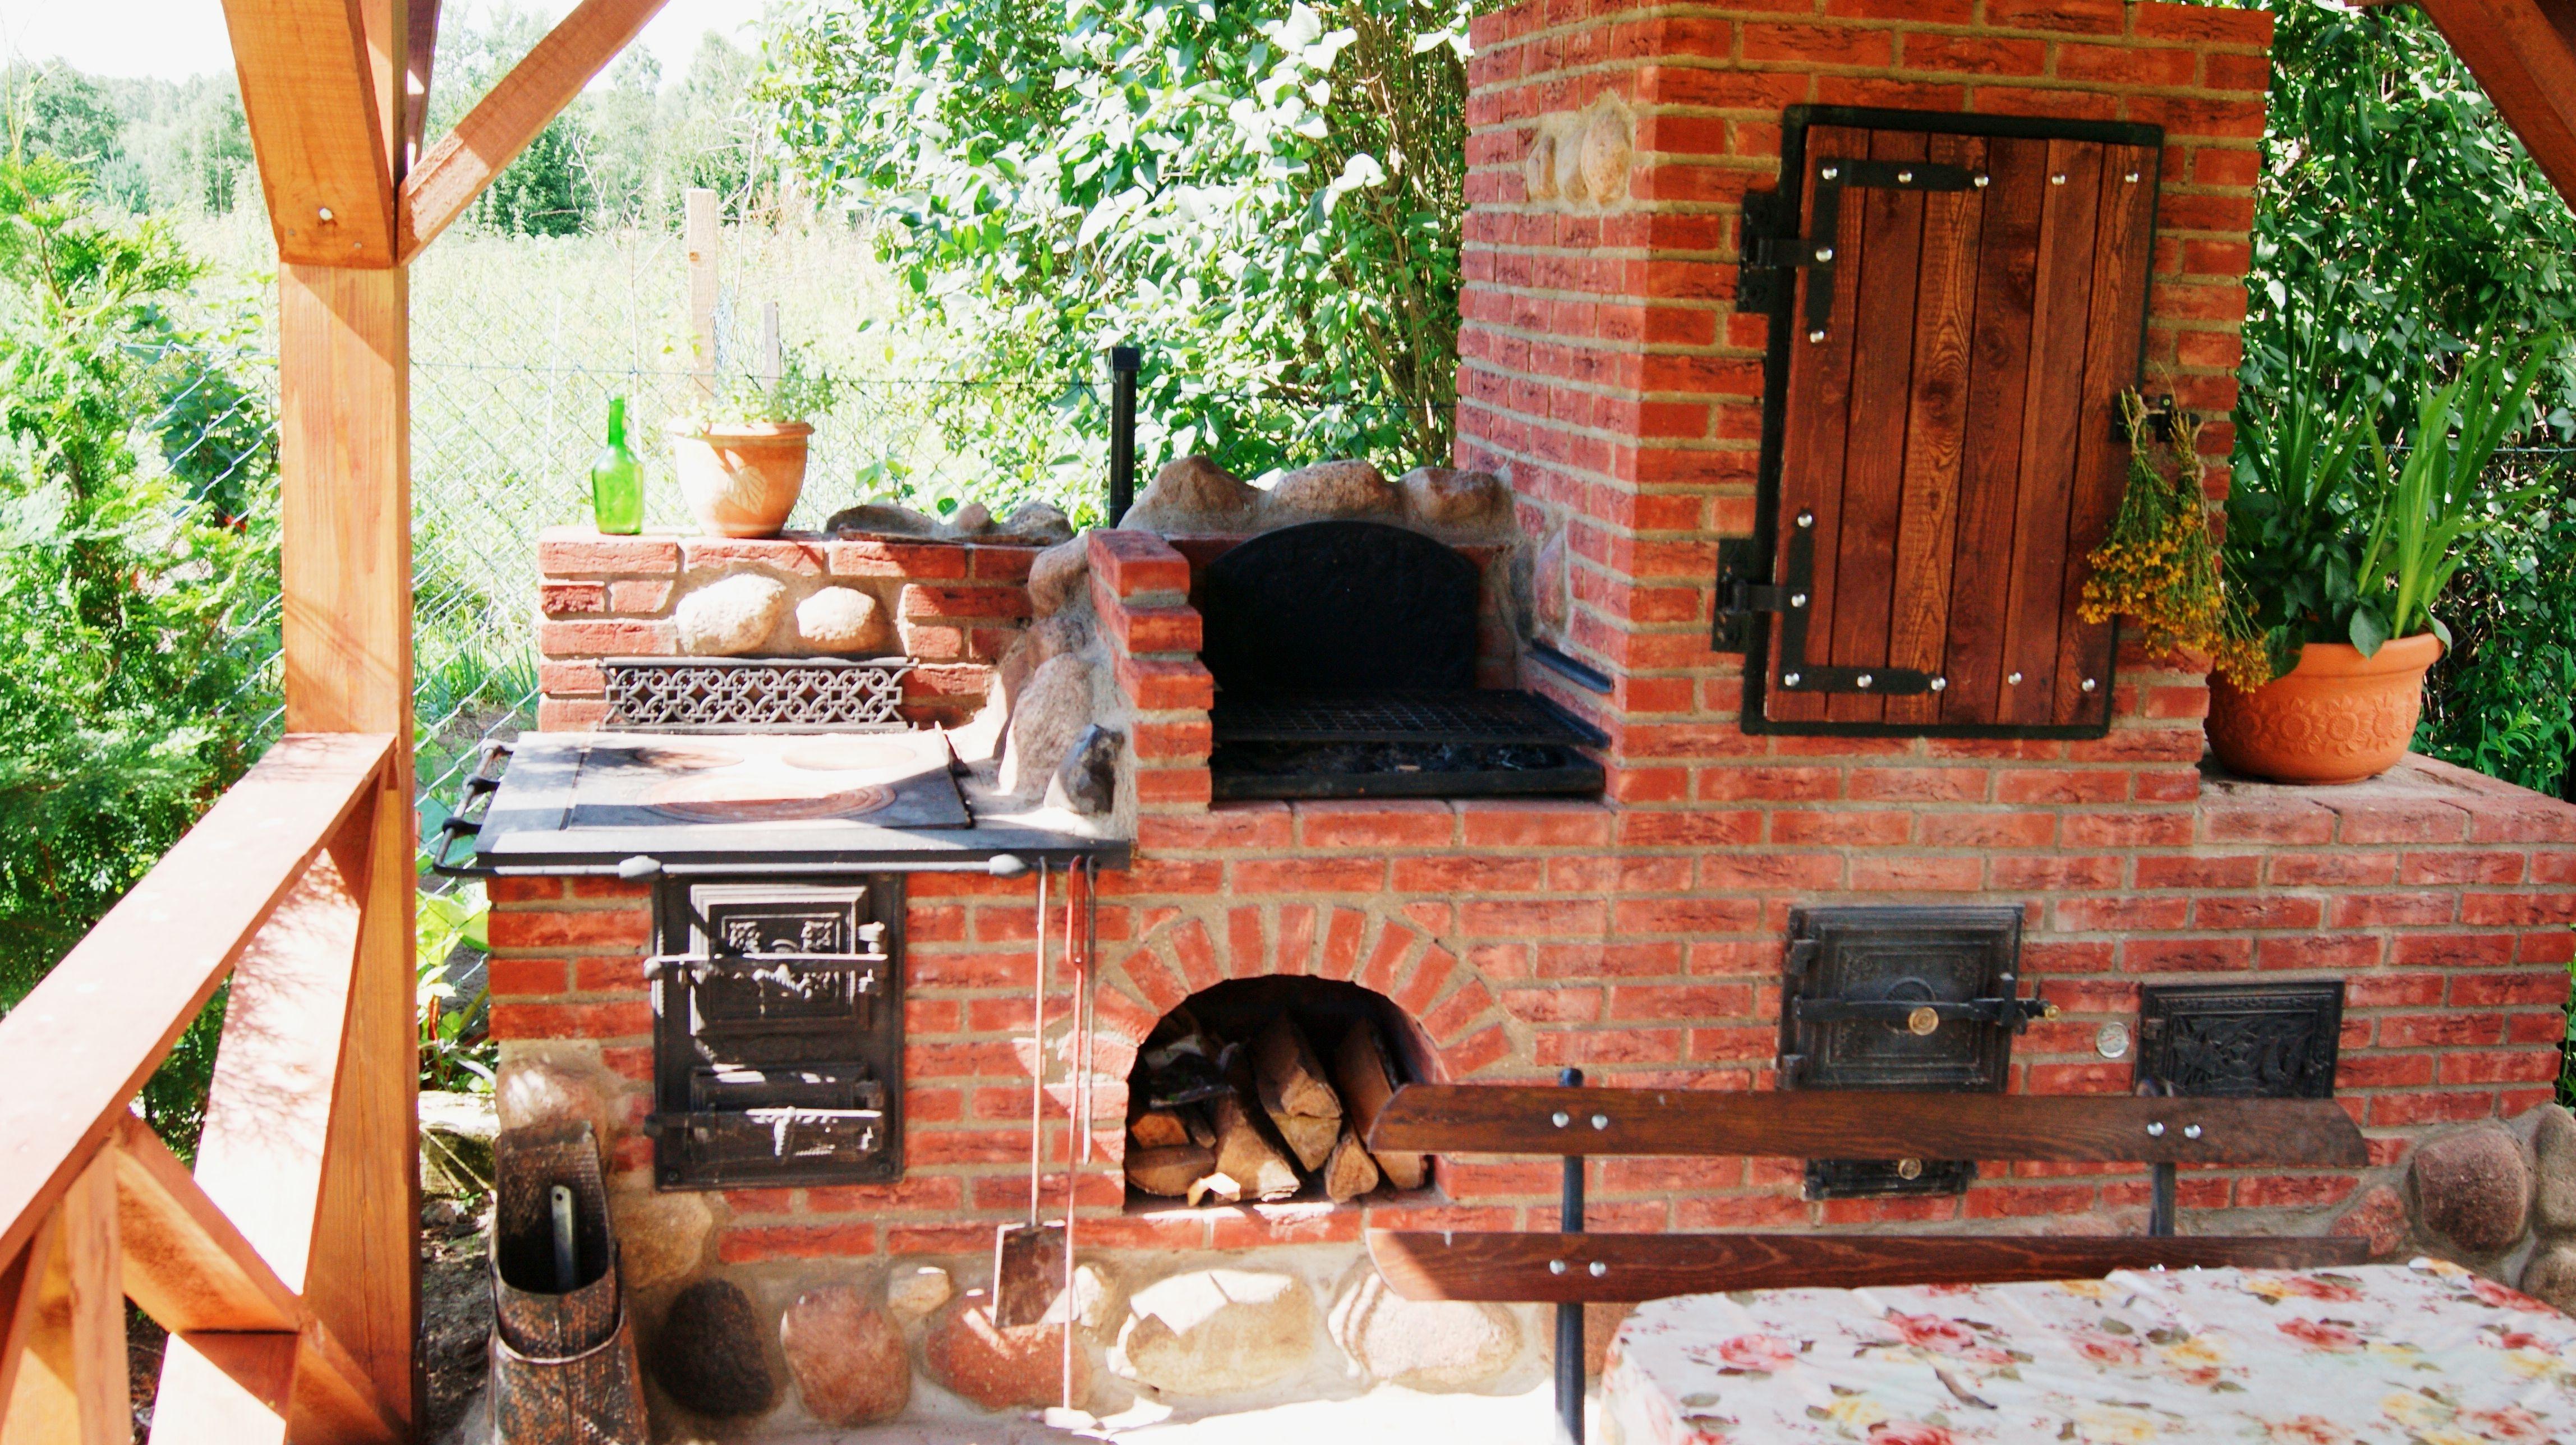 Grilo Wedzarnia Z Kuchnia Letnia I Piecem Do Pizzy Www Studiozdunskie Pl Pizza Oven Outdoor Backyard Kitchen Outdoor Smoker